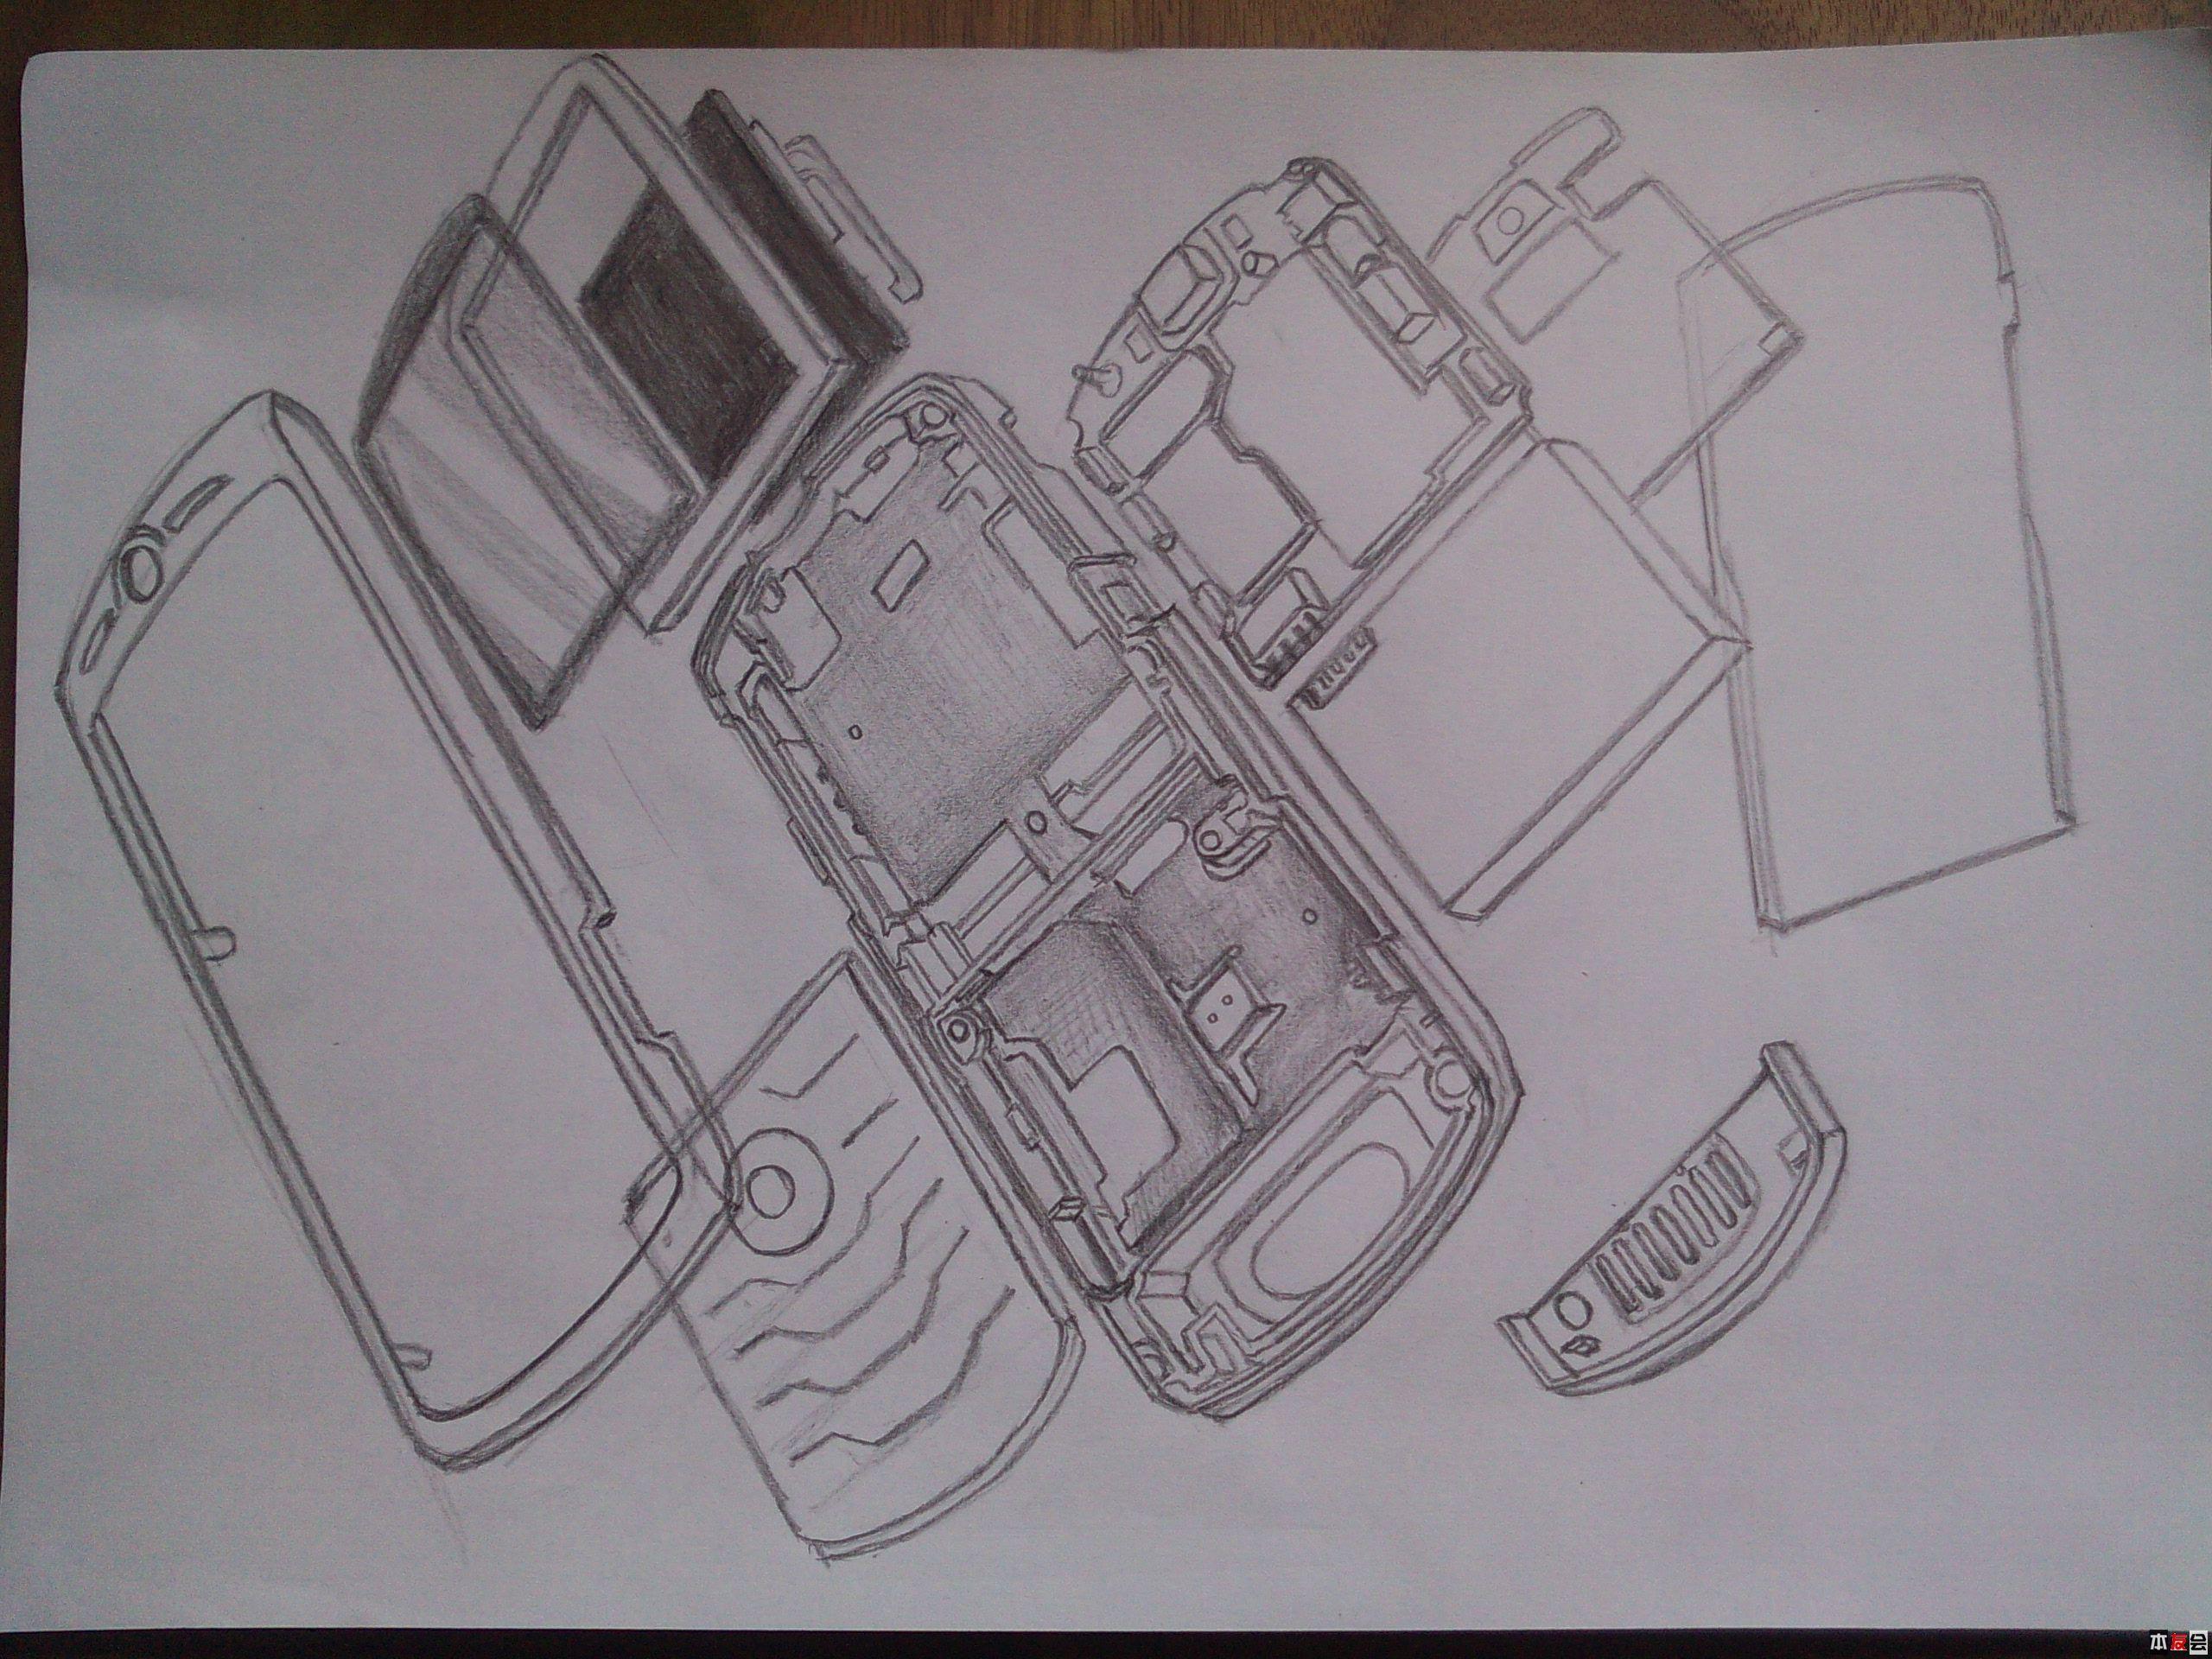 产品手绘图和爆炸图